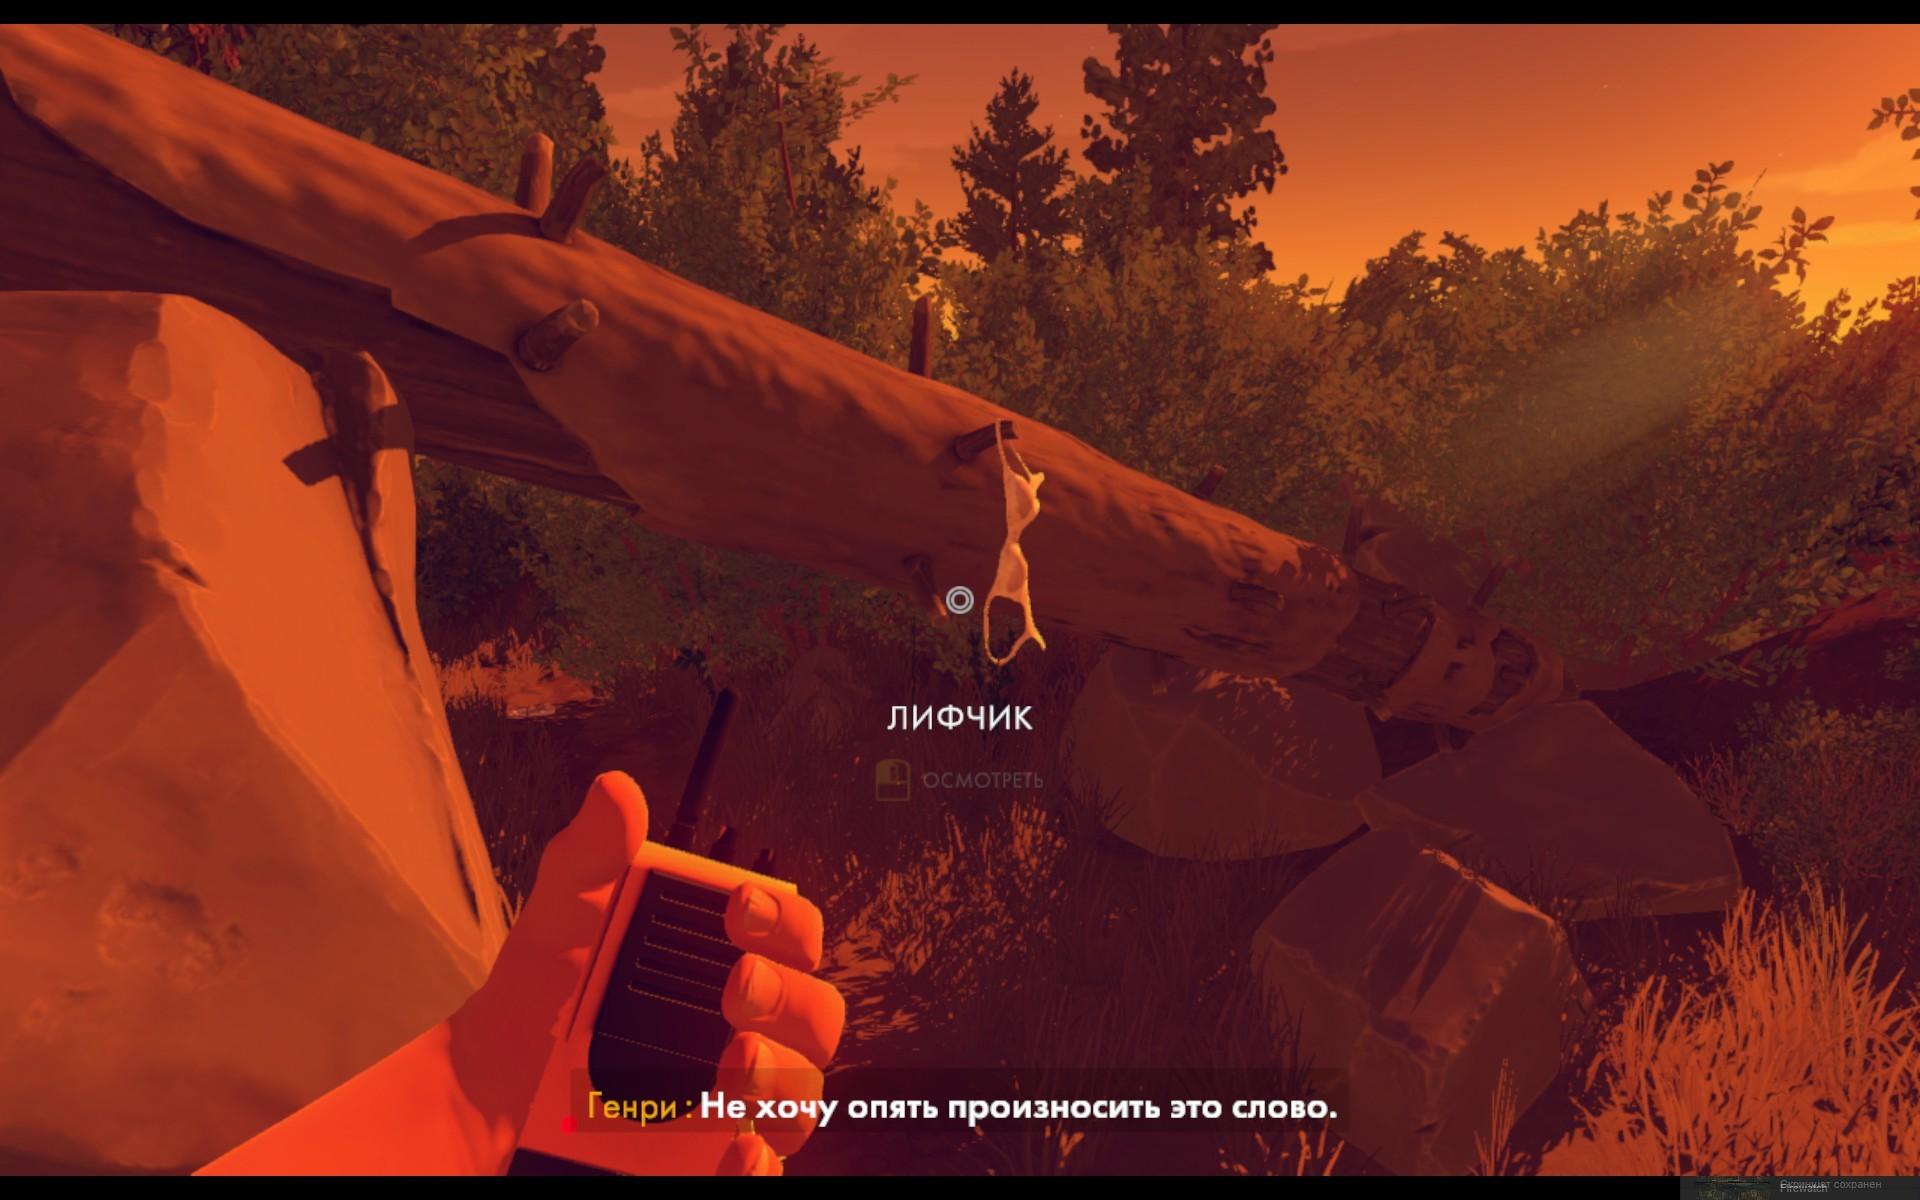 mplab ide v8 00 инструкция на русском языке